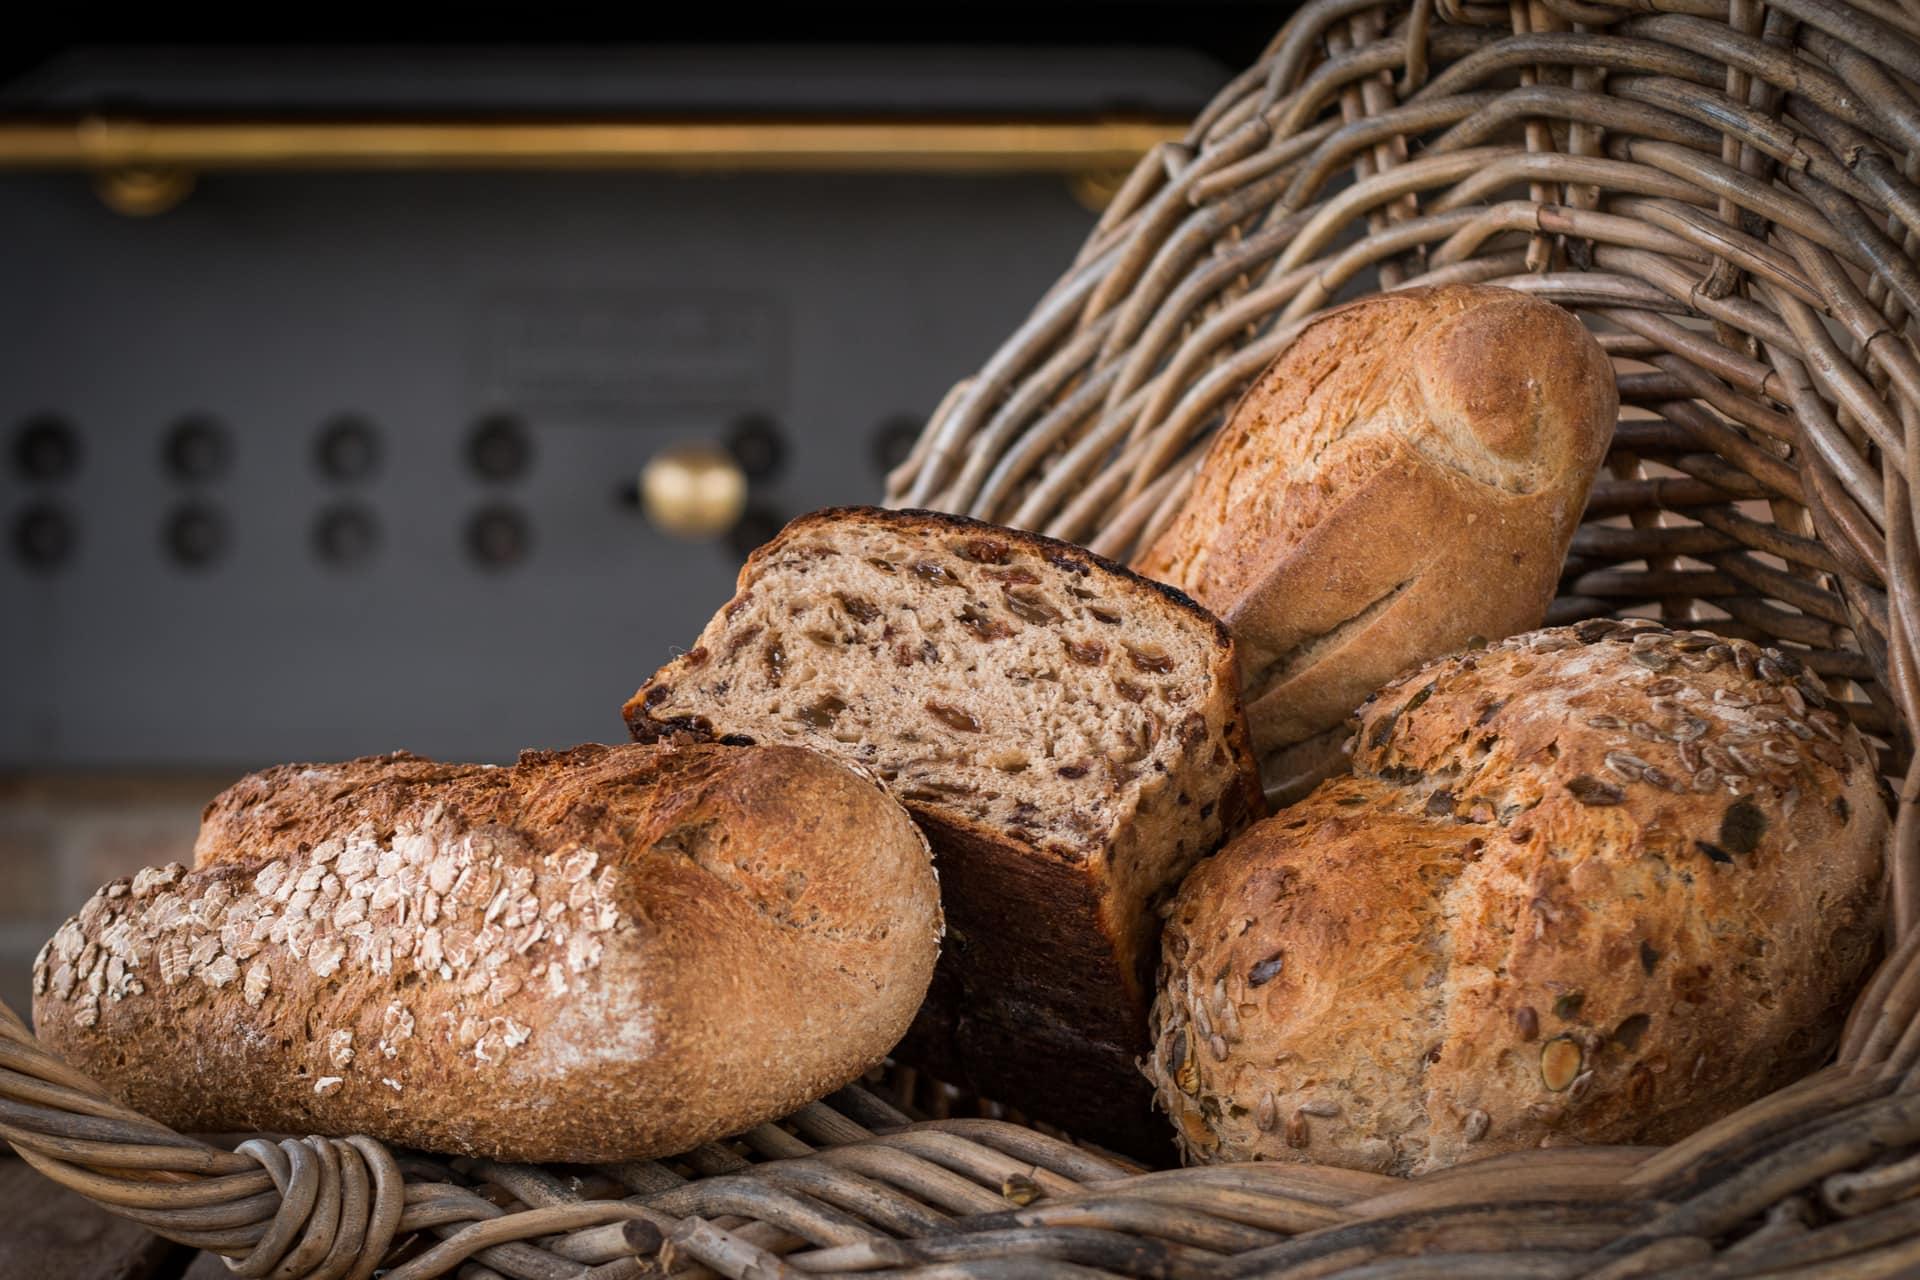 Food fotografie - Stichting Boerderij De Viermarken, Enschede